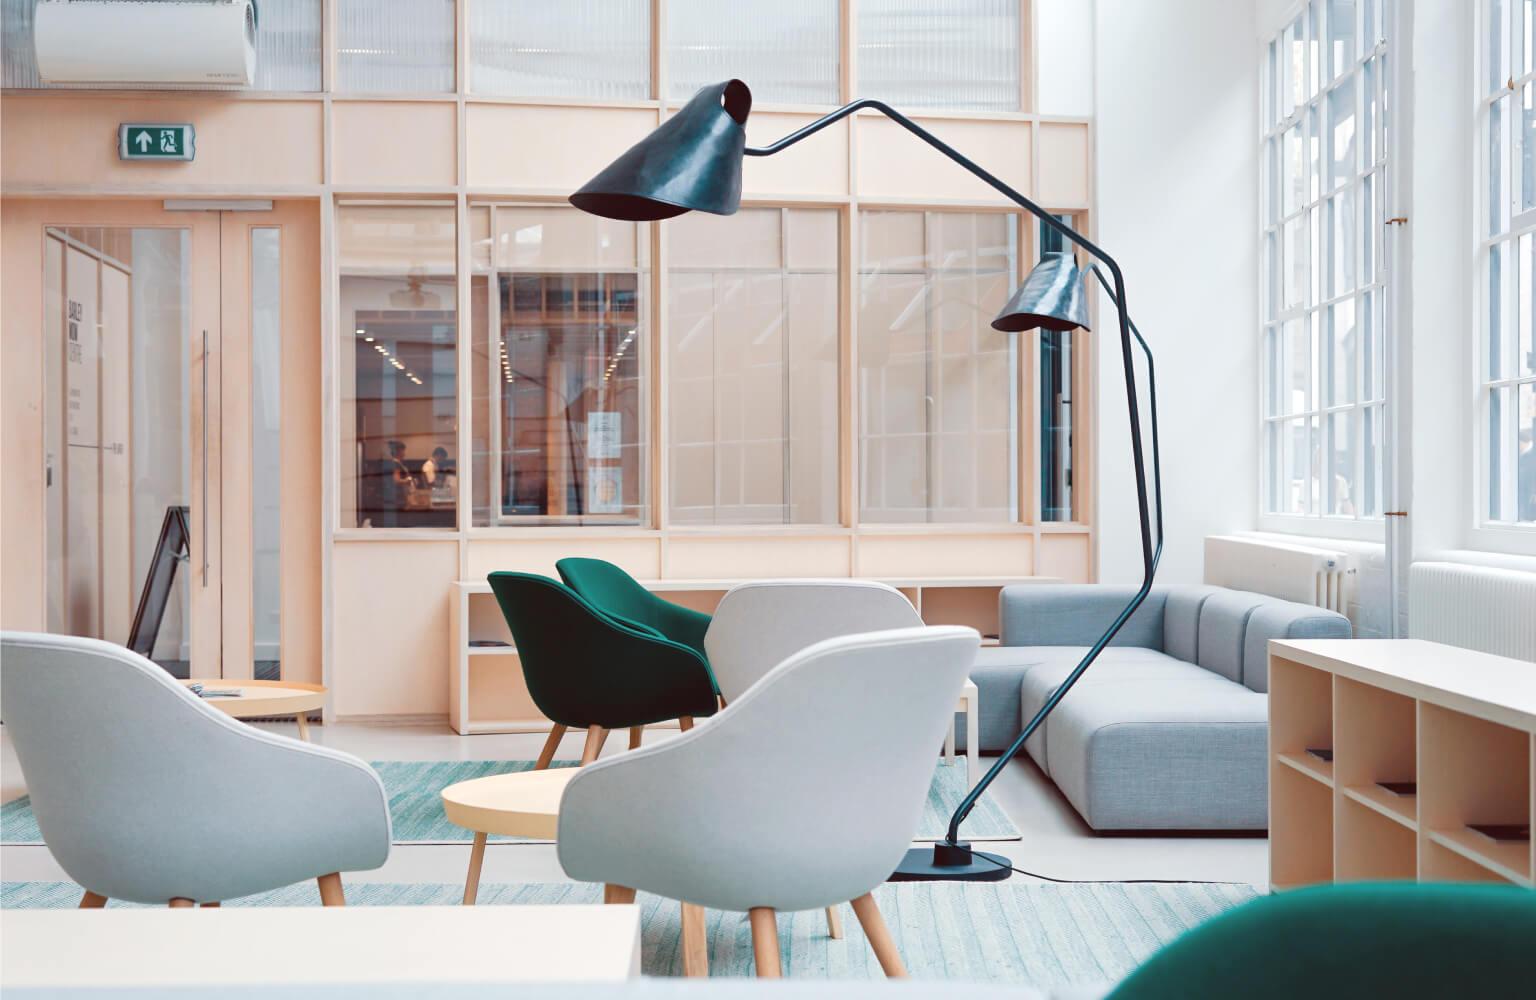 Copenhagen Office Image